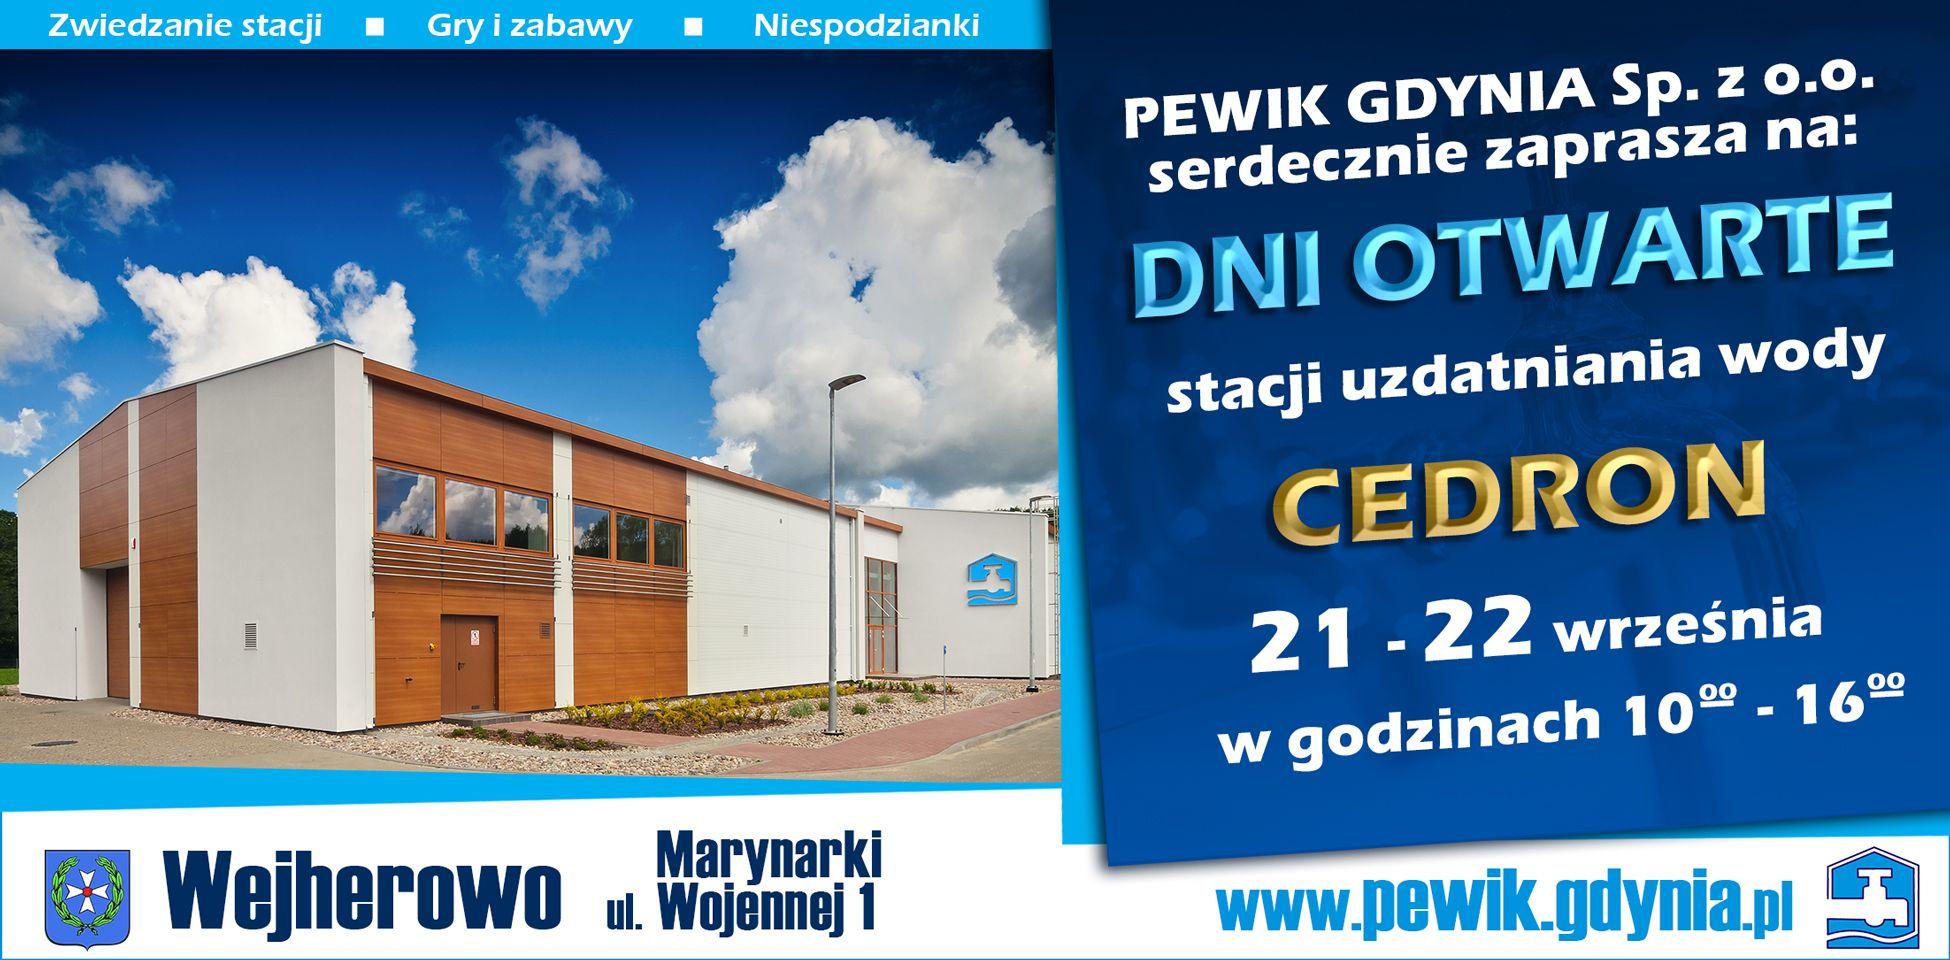 21 – 22 września zapraszamy naDni Otwarte stacji uzdatniania wody CEDRON wWejherowie